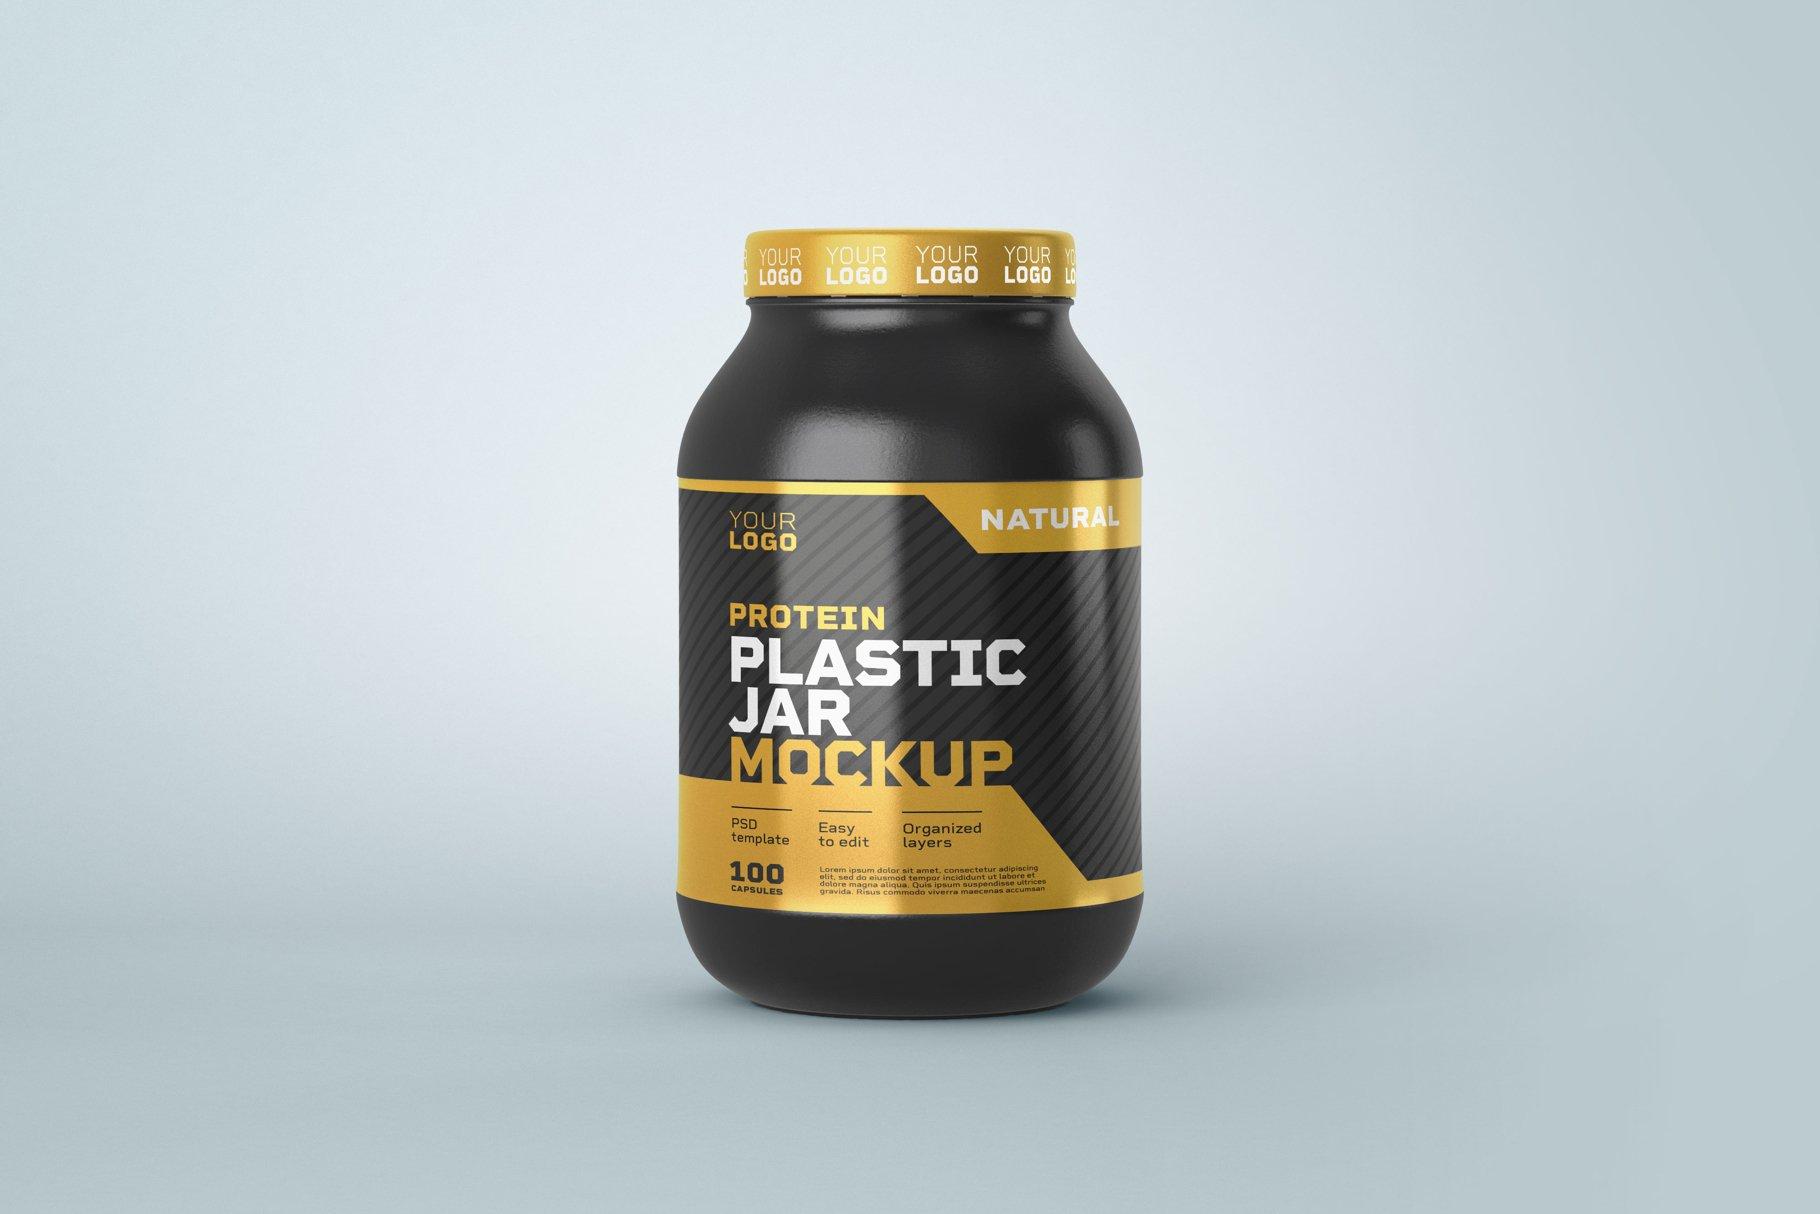 10款食物塑料罐标签设计展示样机模板 Food Supplement Plastic Jar Mockup插图(10)